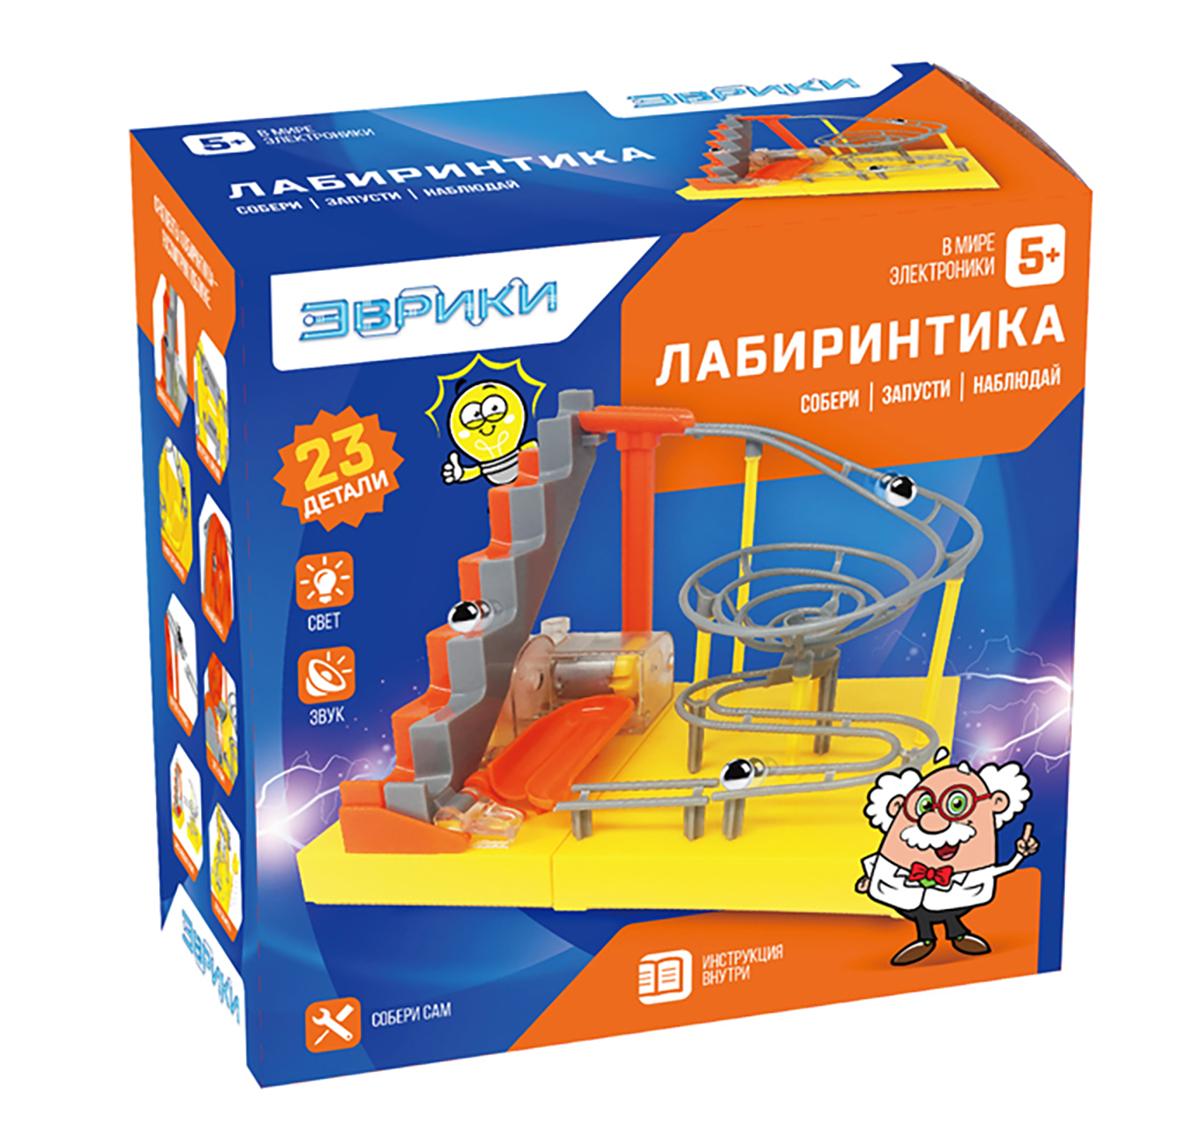 Эврика Электромеханический конструктор Лабиринтика - Конструкторы